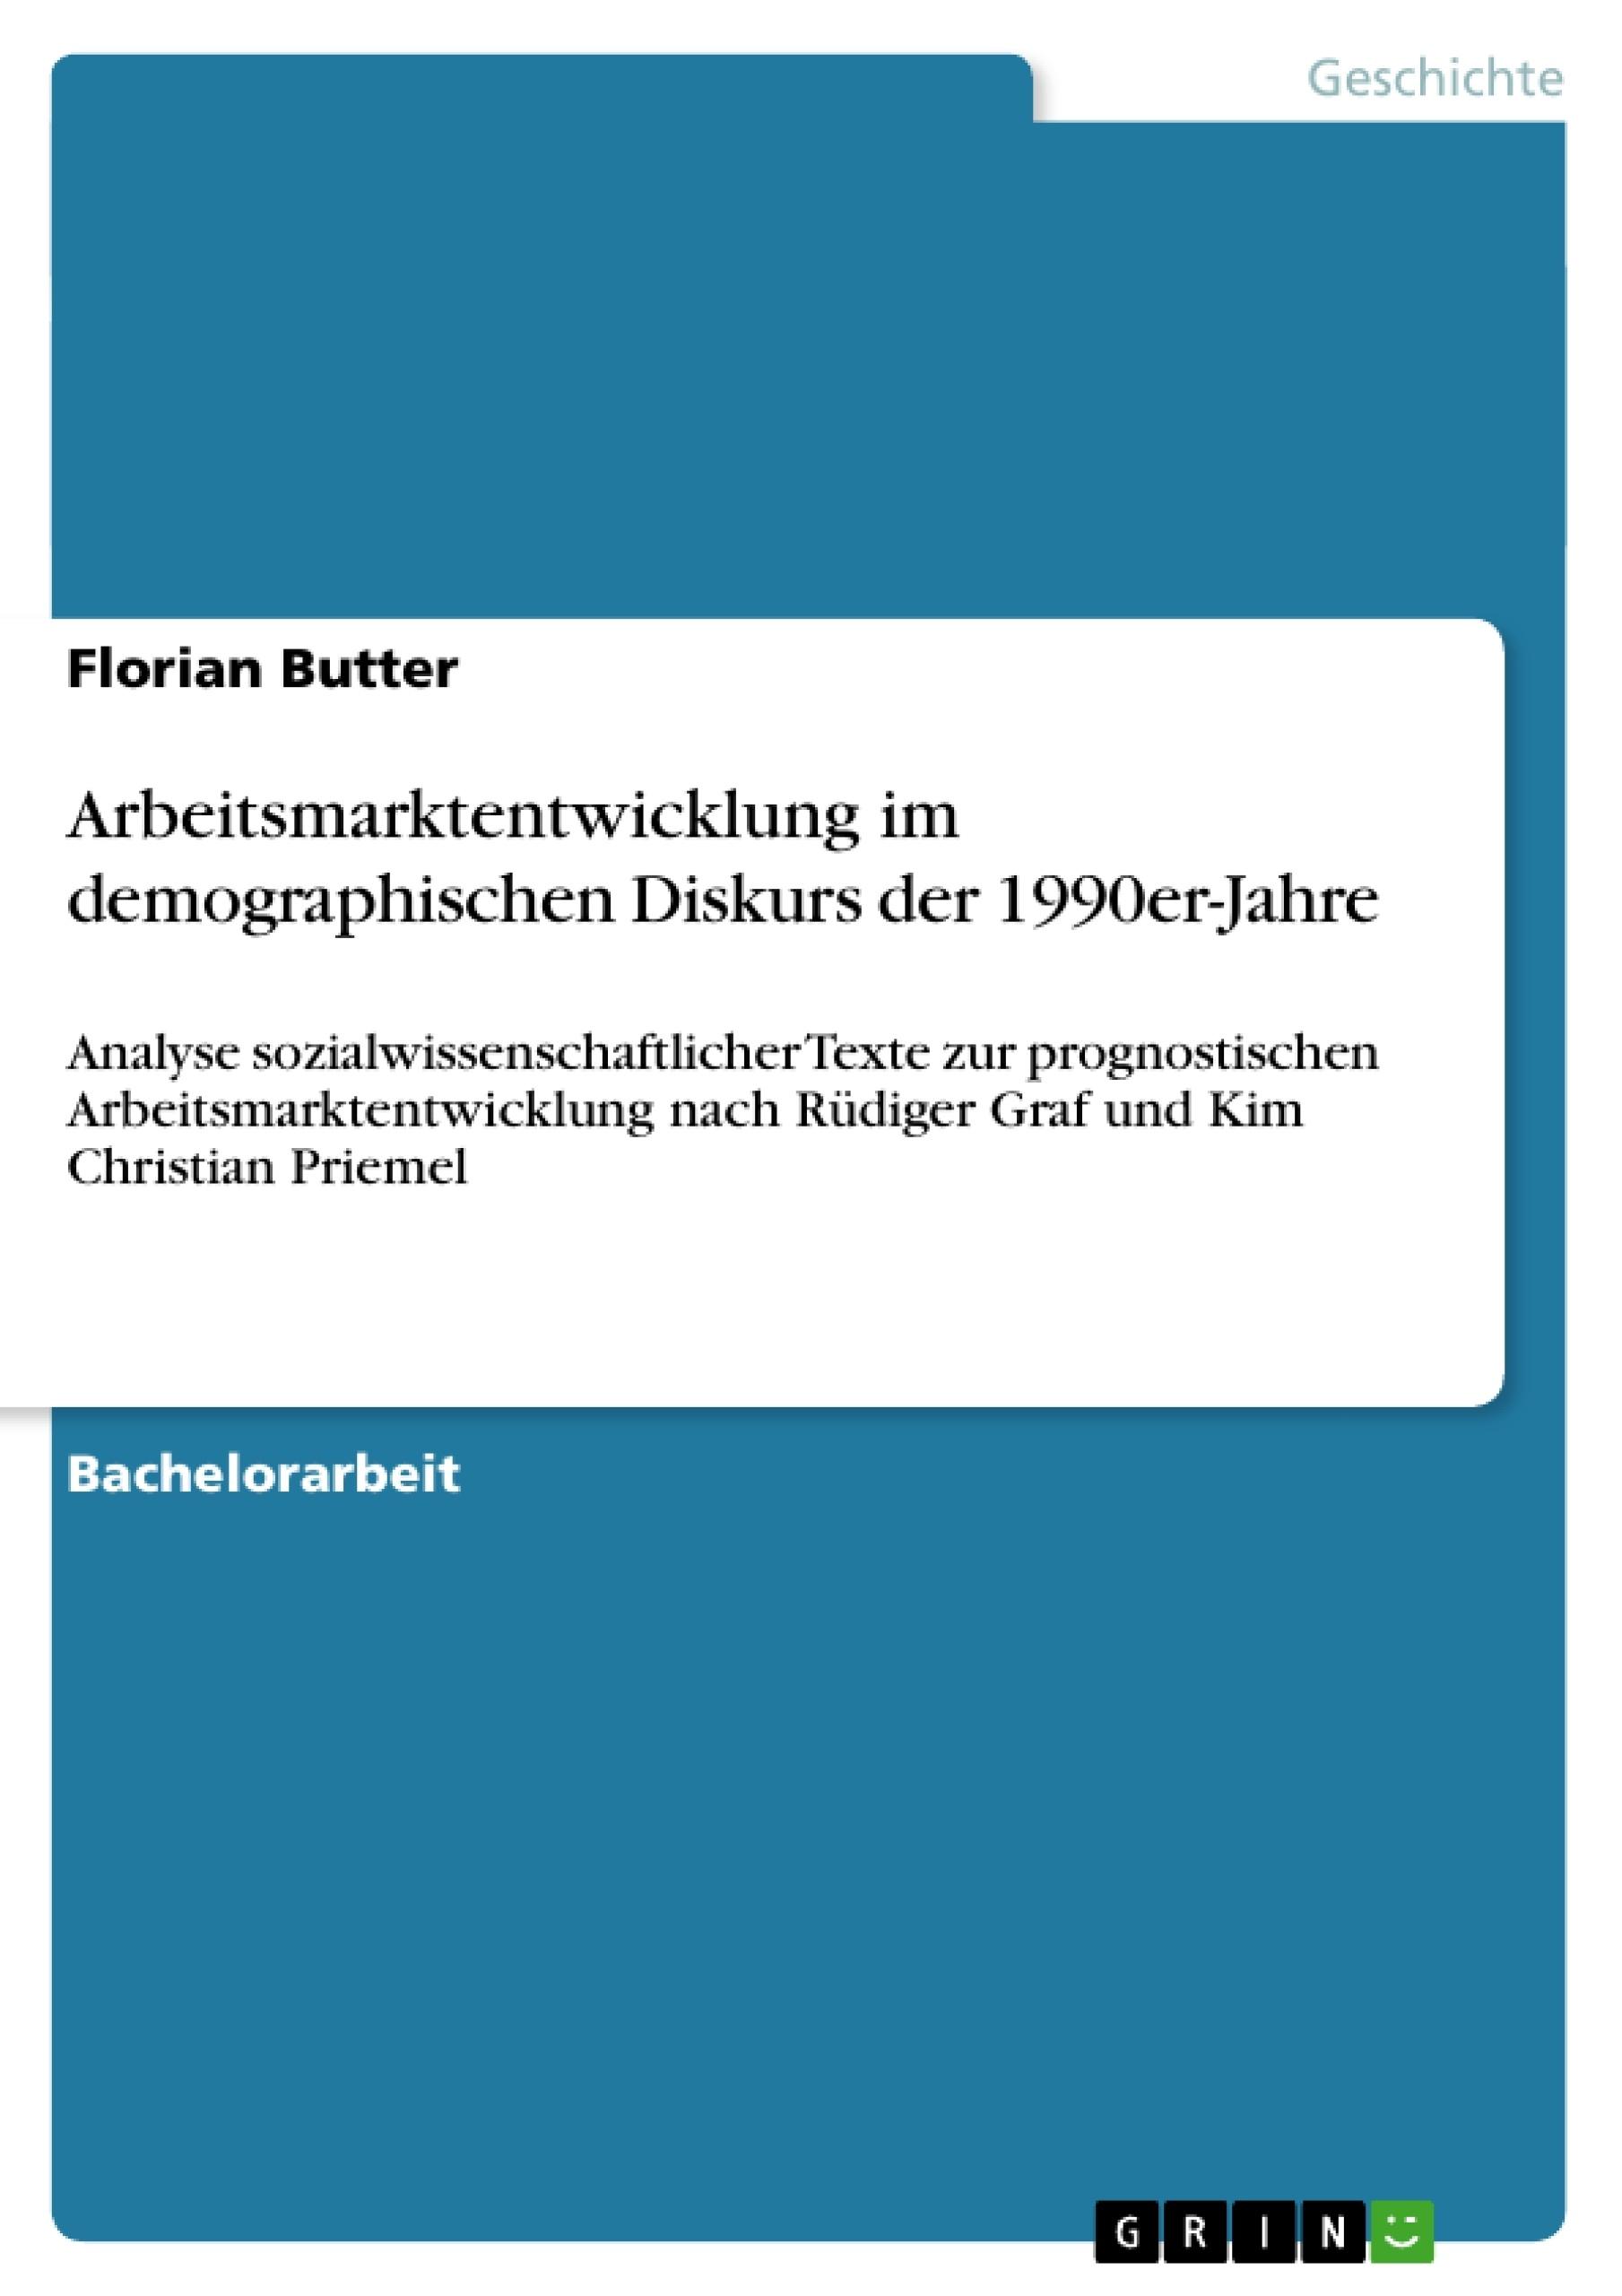 Titel: Arbeitsmarktentwicklung im demographischen Diskurs der 1990er-Jahre